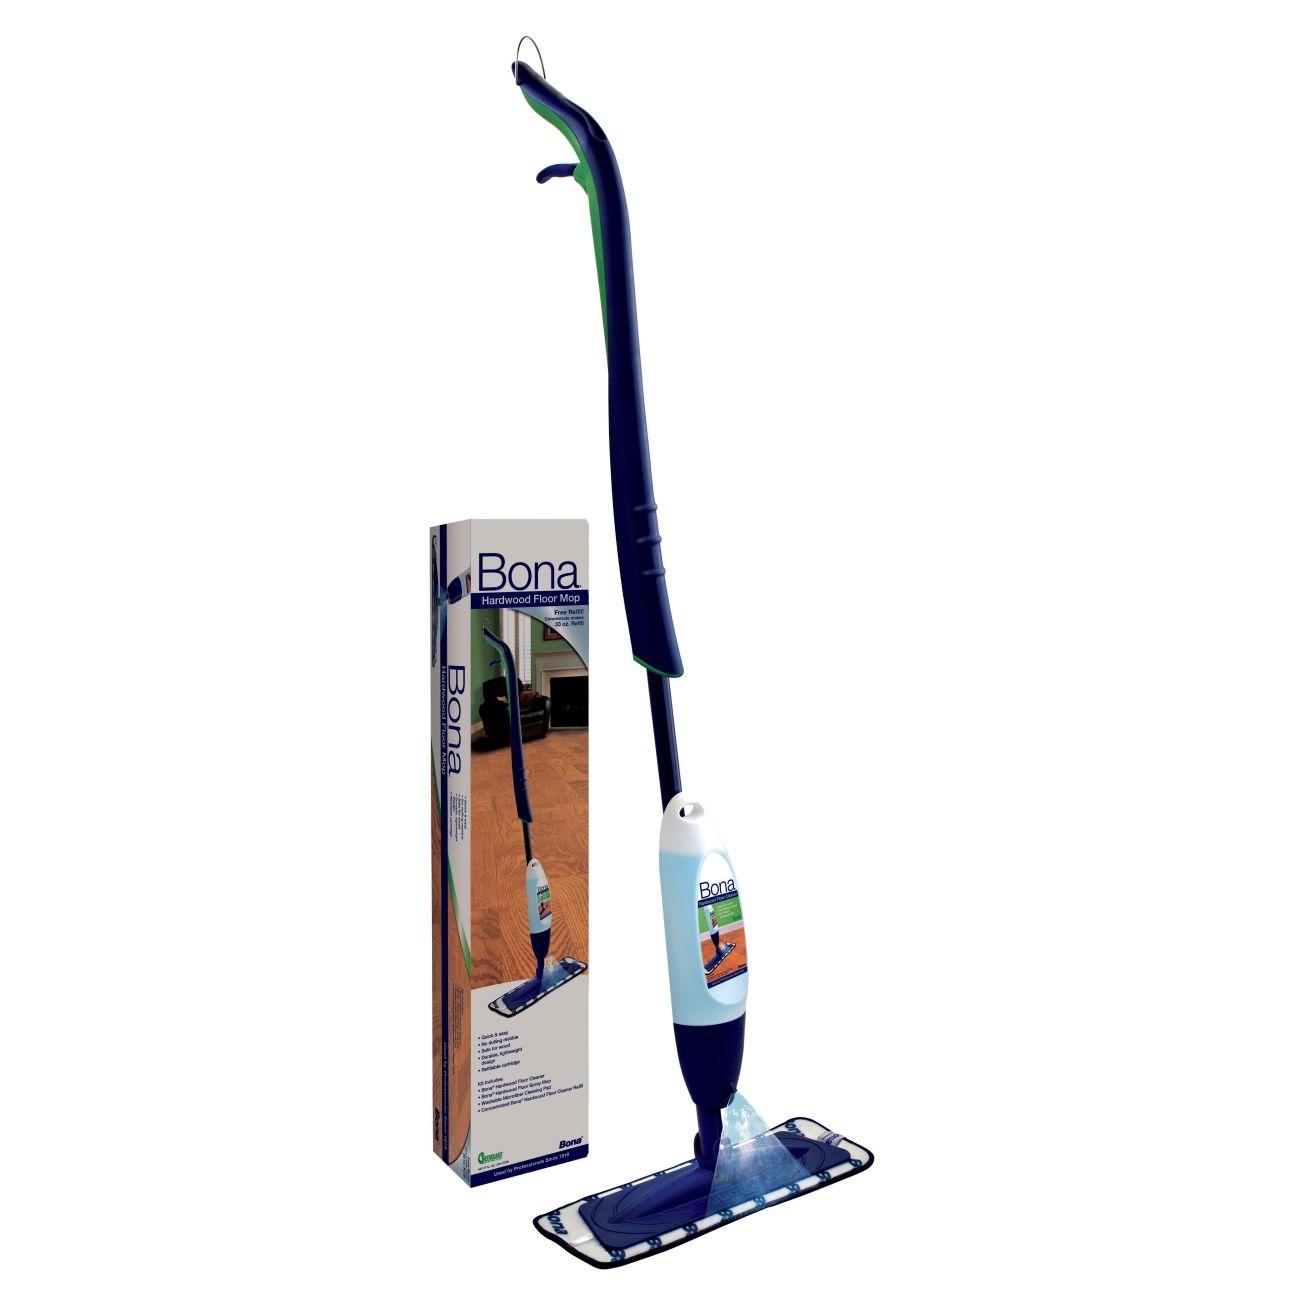 Bona Hardwood Floor Mop (WM710013393) Dust Mops